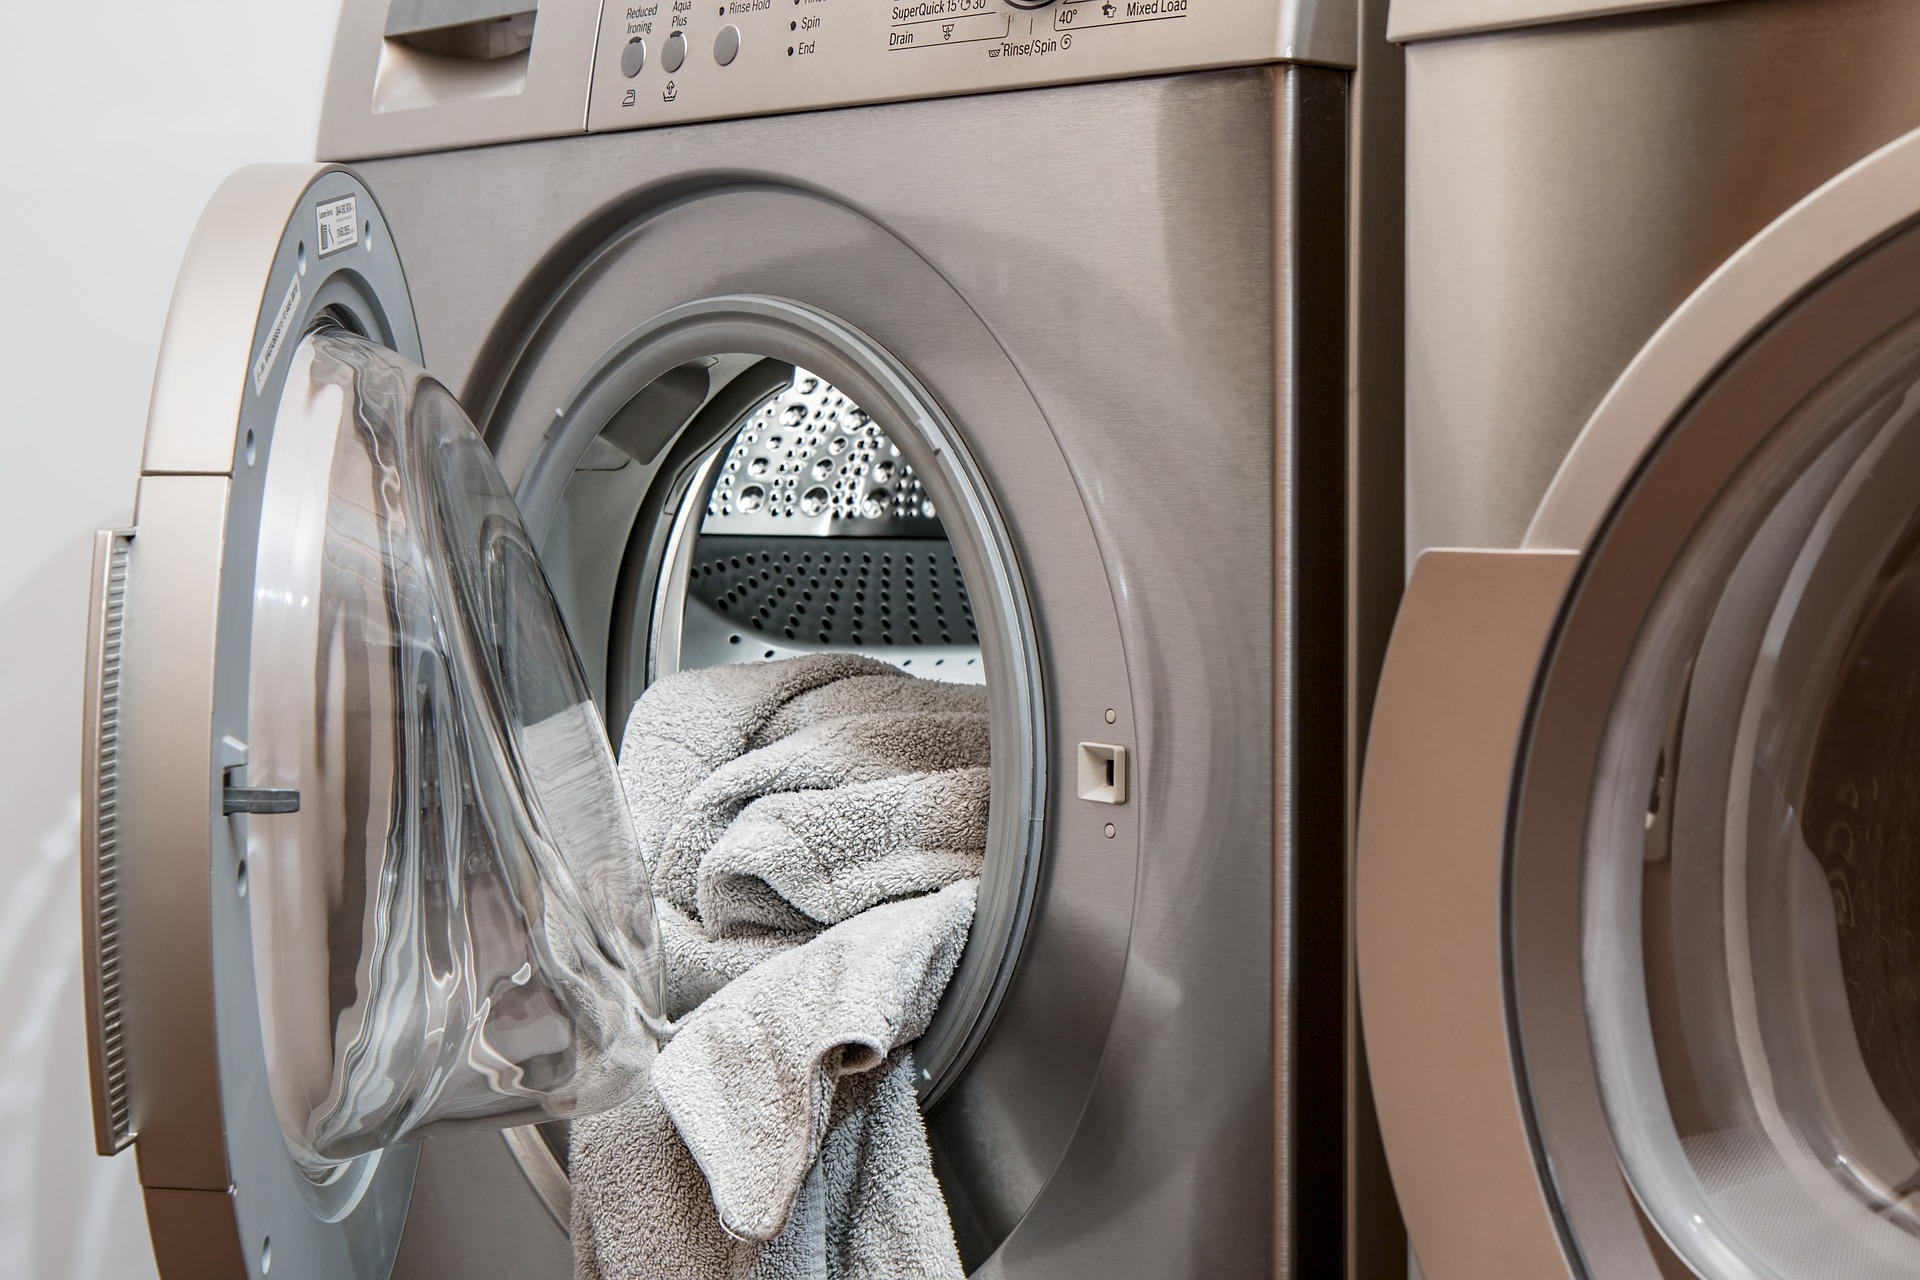 ウール毛布 洗い方 洗濯 おすすめ ランキング